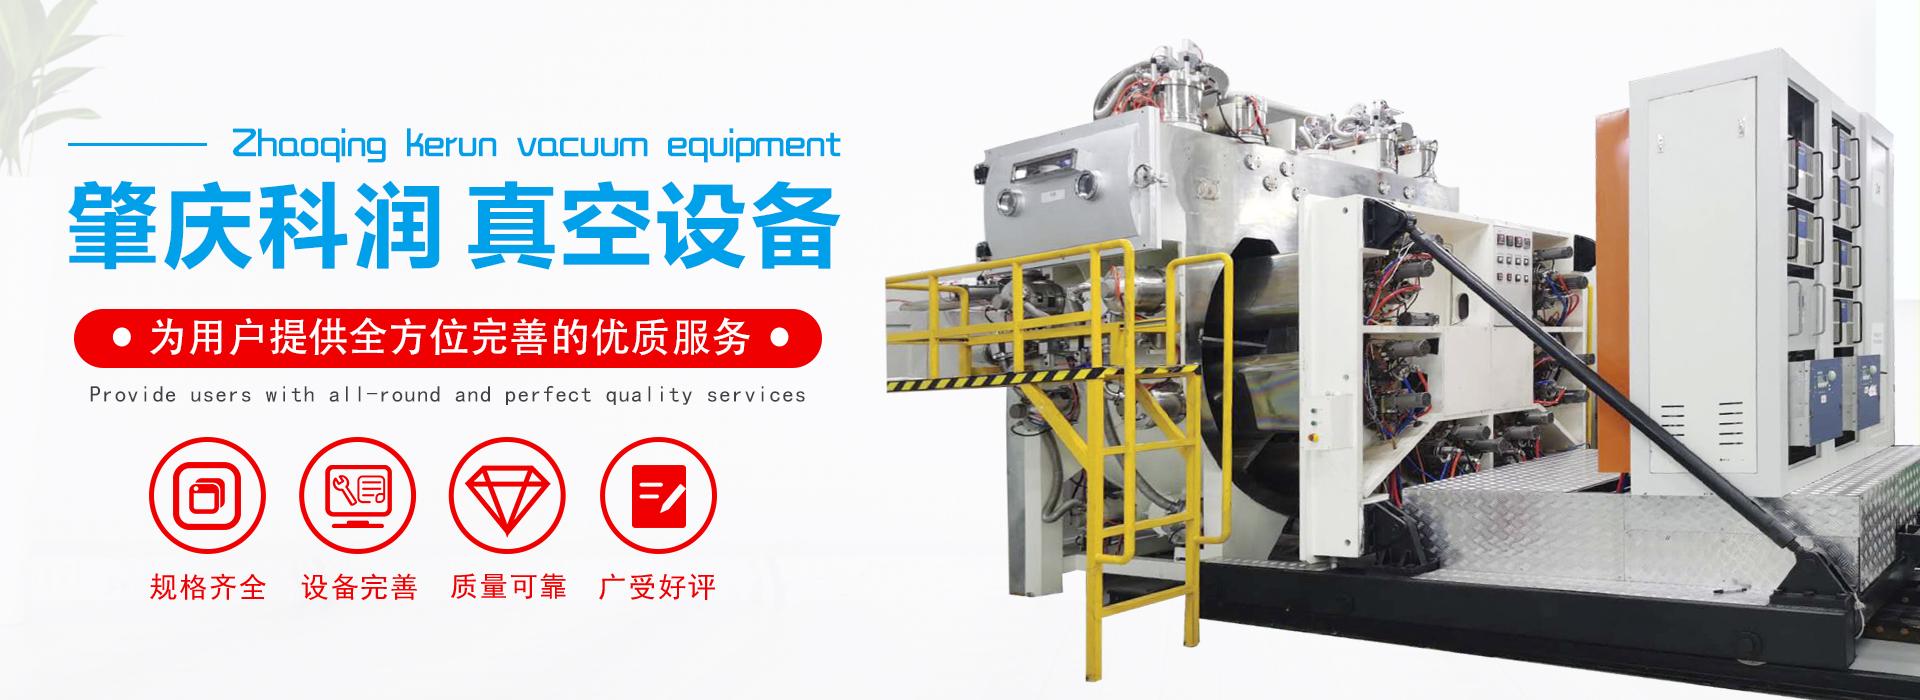 真空镀膜机厂家真空镀膜设备厂家磁控真空镀膜机